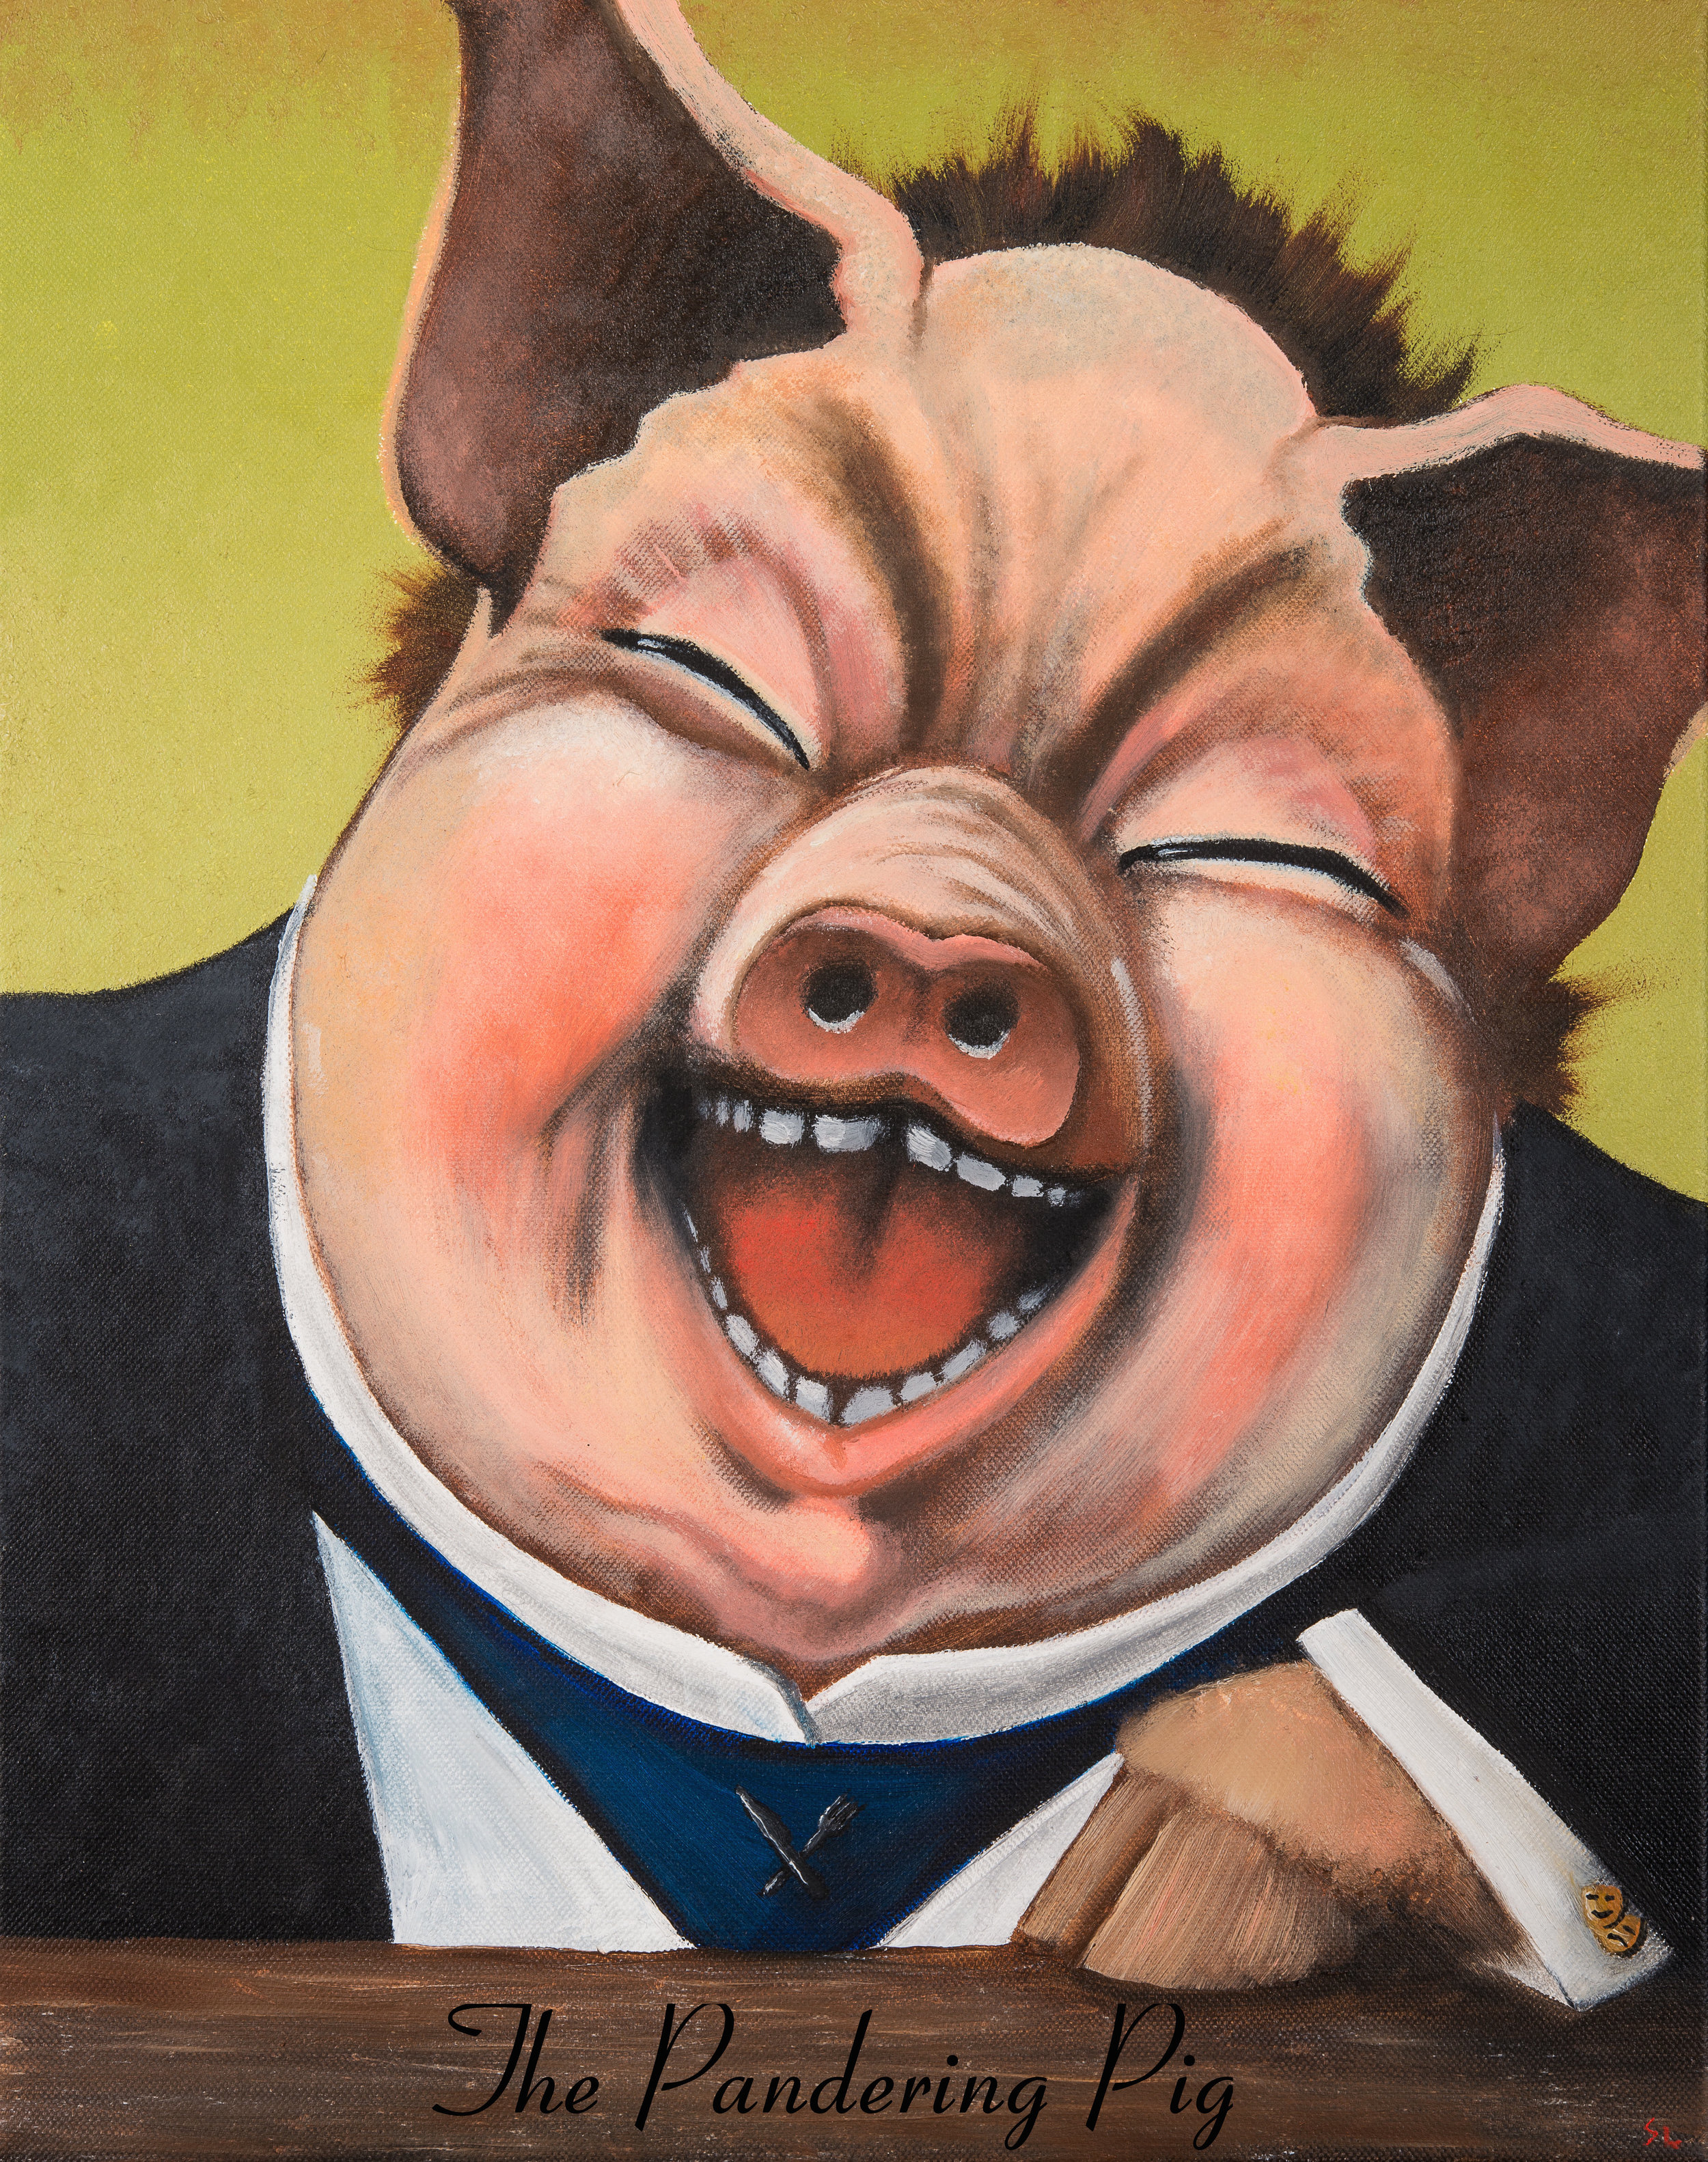 The Pandering Pig 209 Pinehurst Ave NY NY 10033